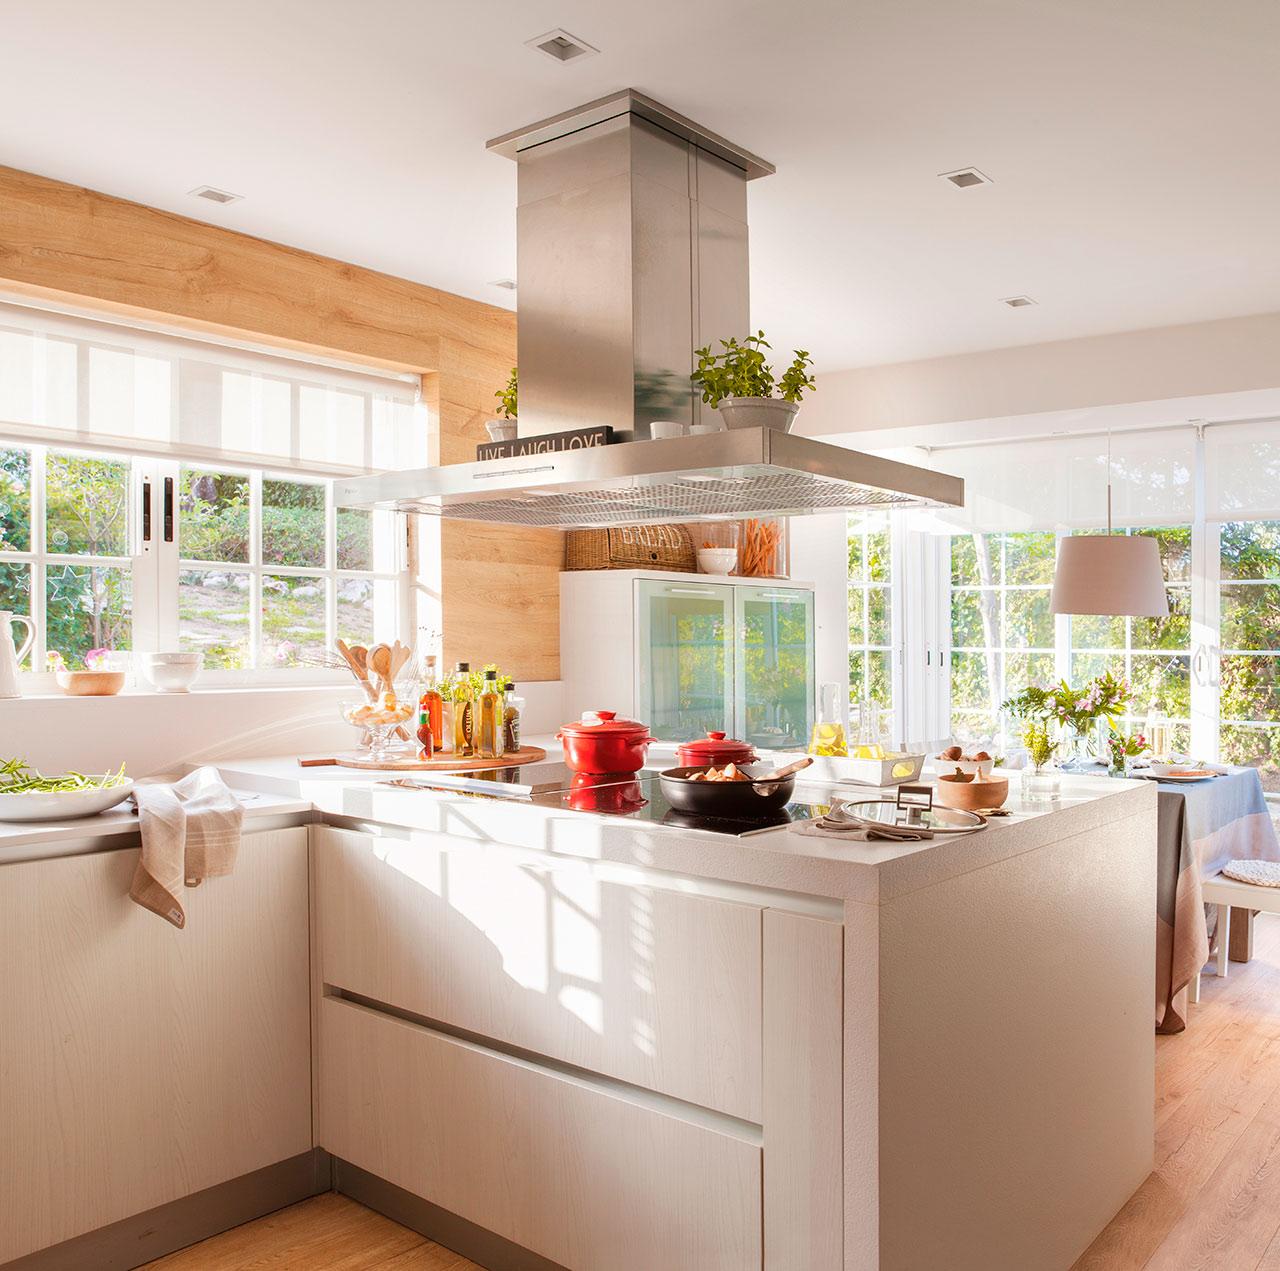 Adi s a la cruda soledad del cocinero - Azulejos cocina ikea ...